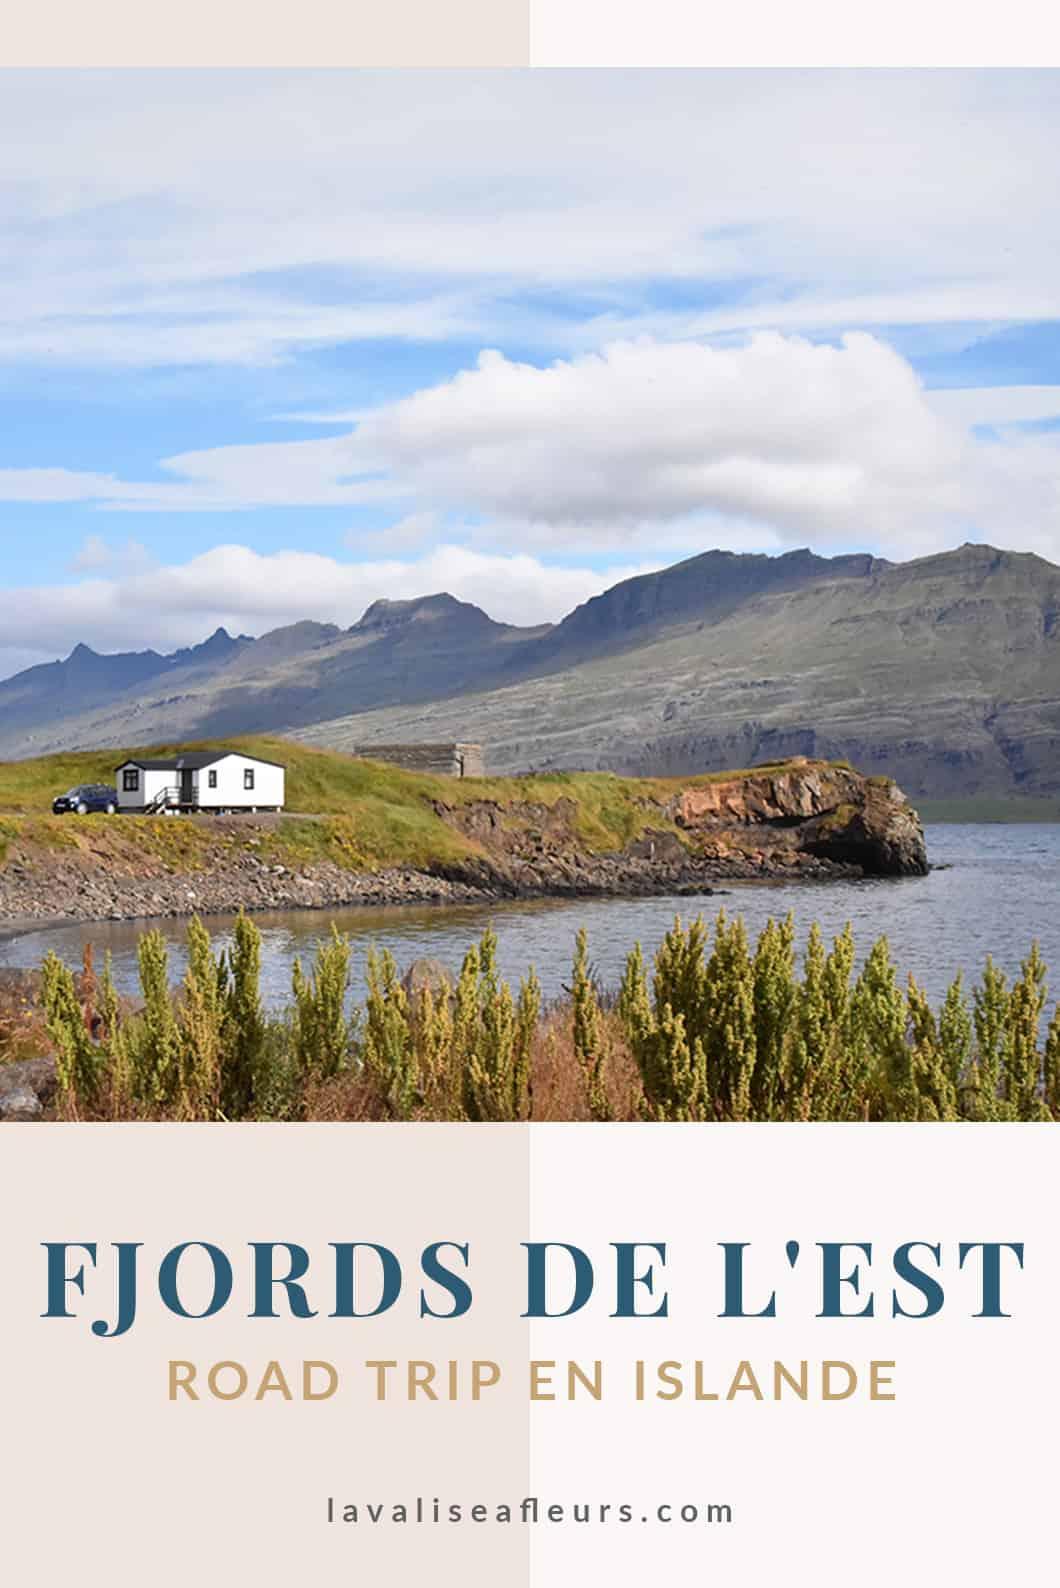 Les Fjords de l'est, road trip en Islande